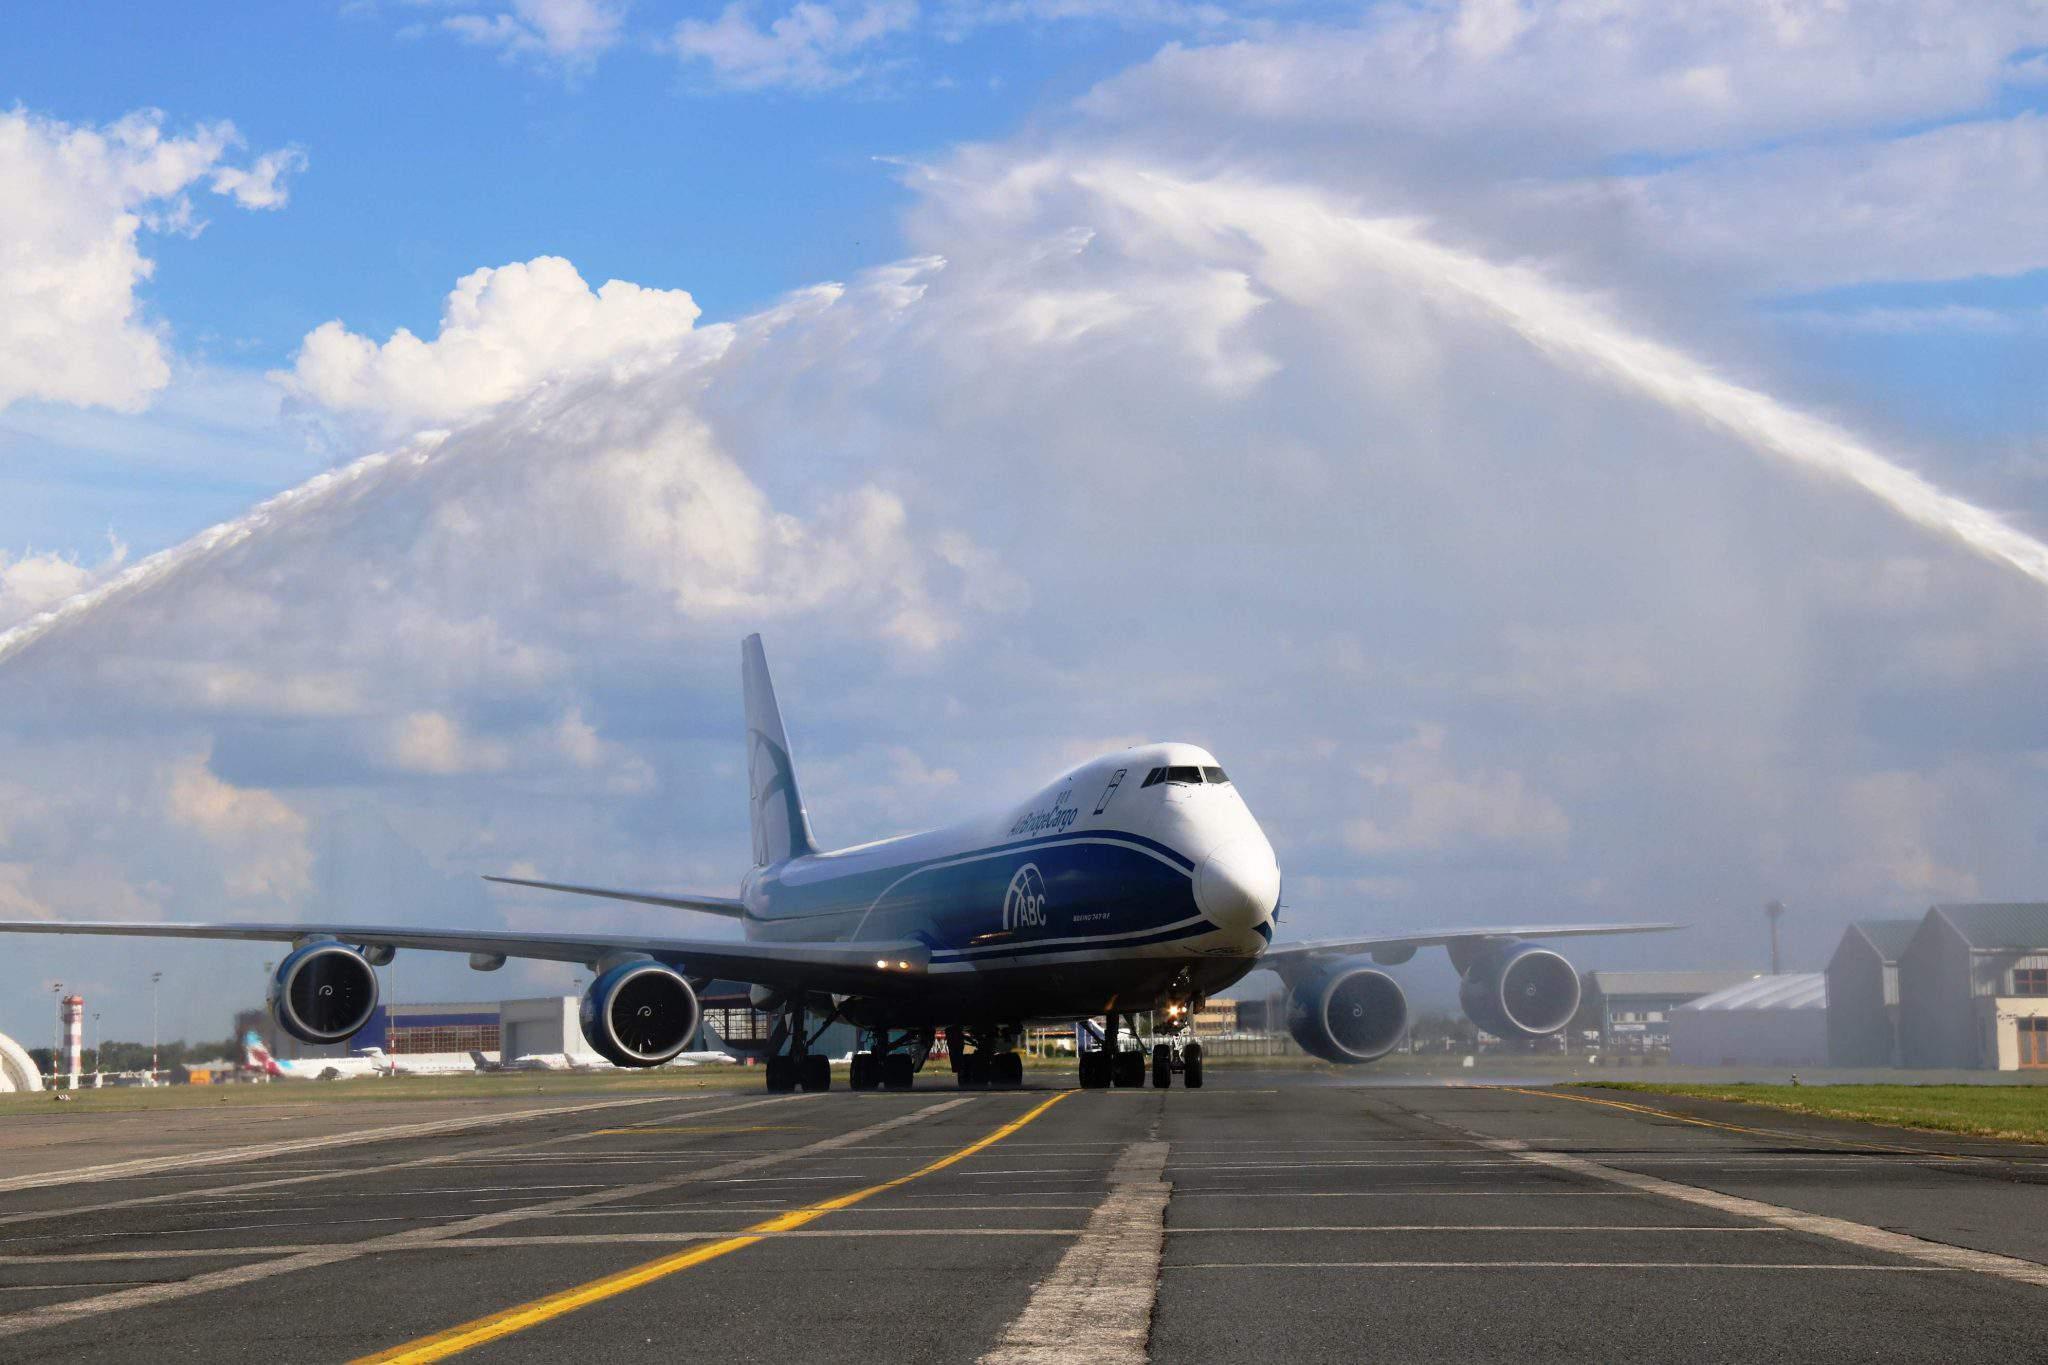 budapest airport AirBridgeCargo Airlines